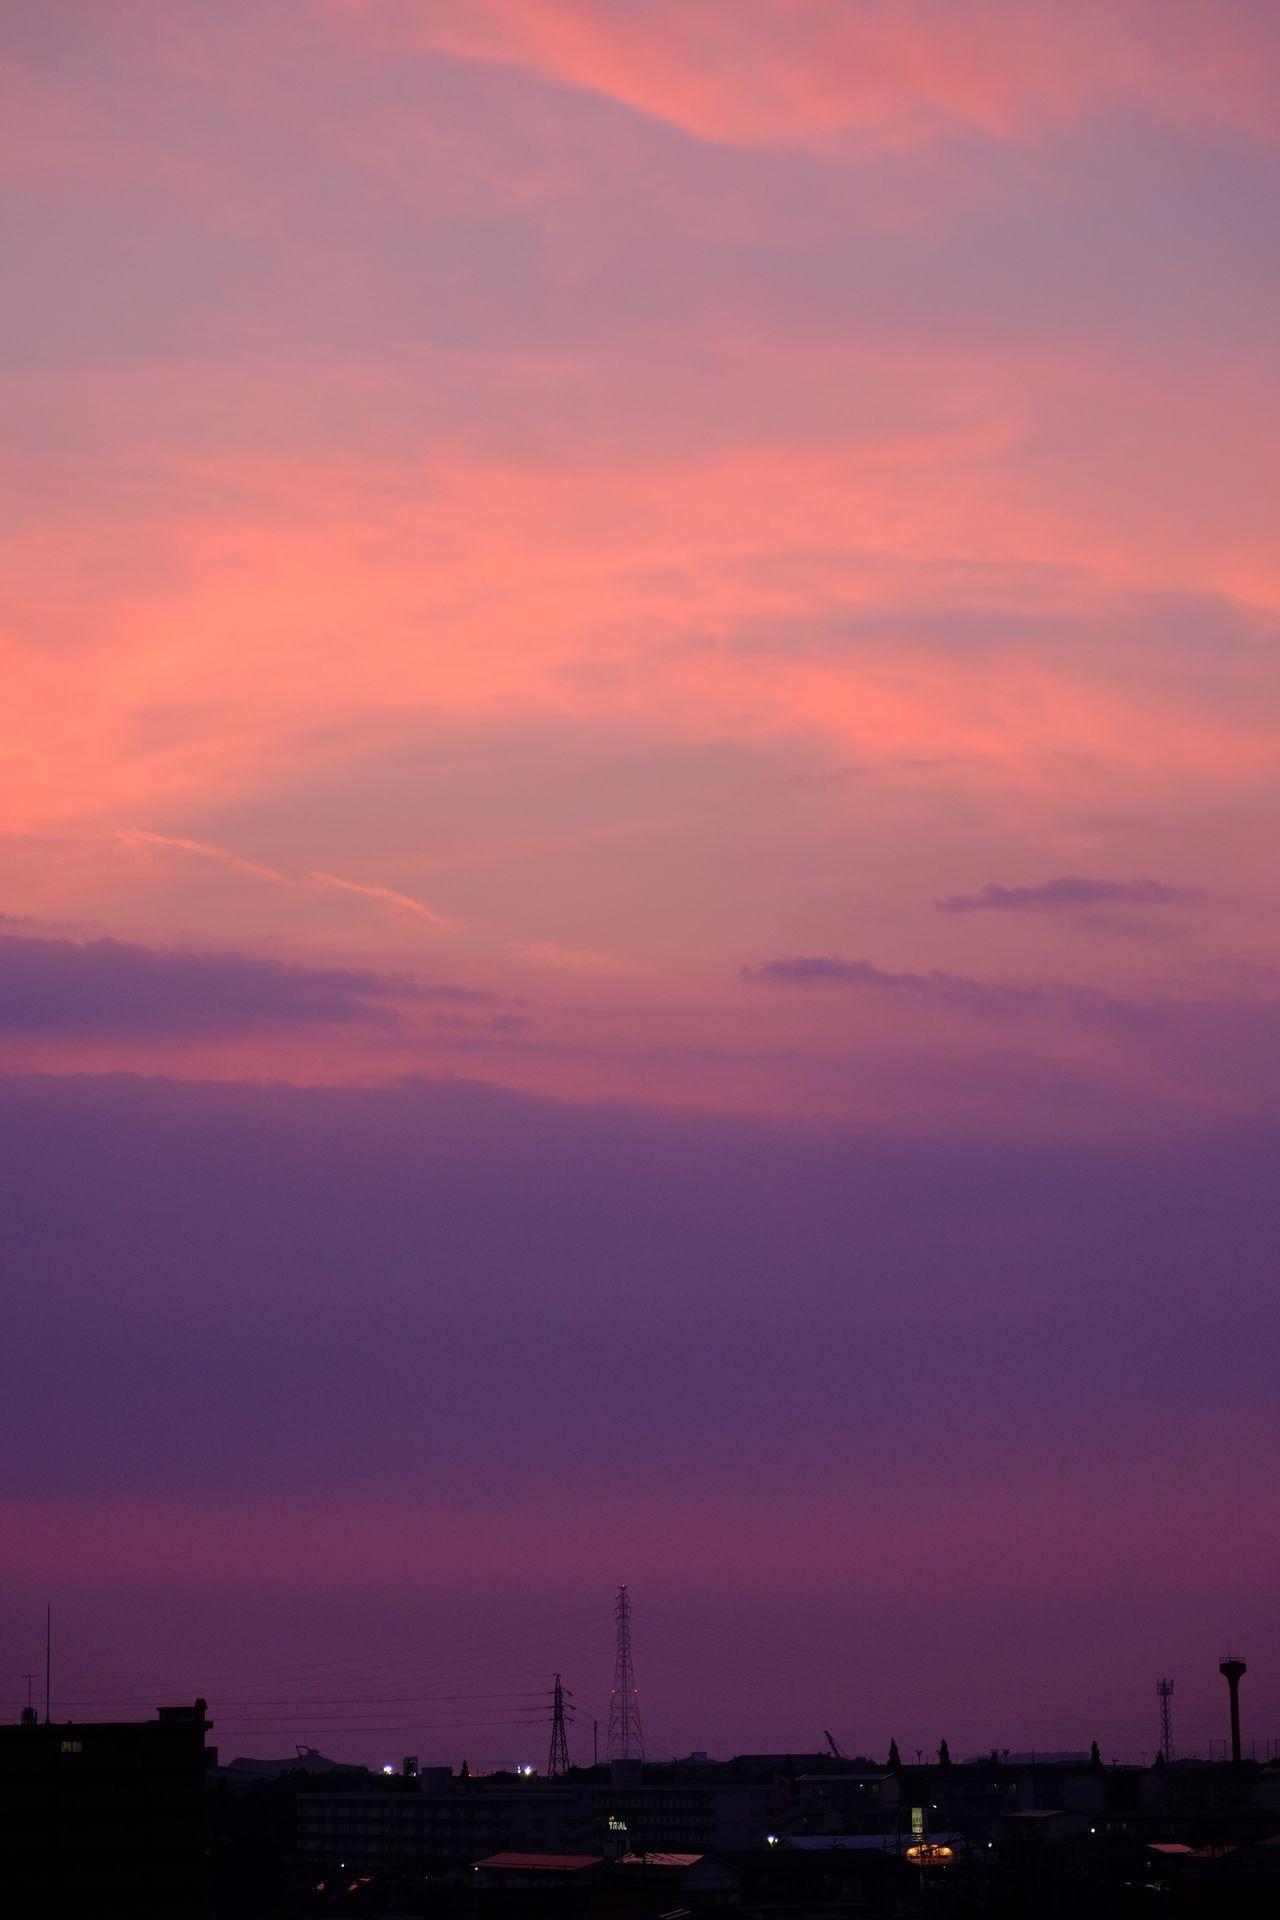 赤くなる時間 Sunset Evening Evening Sky Architecture City Sky Cityscape Building Exterior Built Structure Cloud - Sky No People Outdoors Urban Skyline Skyscraper Nature EyeEm EyeEm Gallery Beauty In Nature Cloud Sun Fujifilm X-E2 Fujifilm_xseries Clouds And Sky Sunset_collection